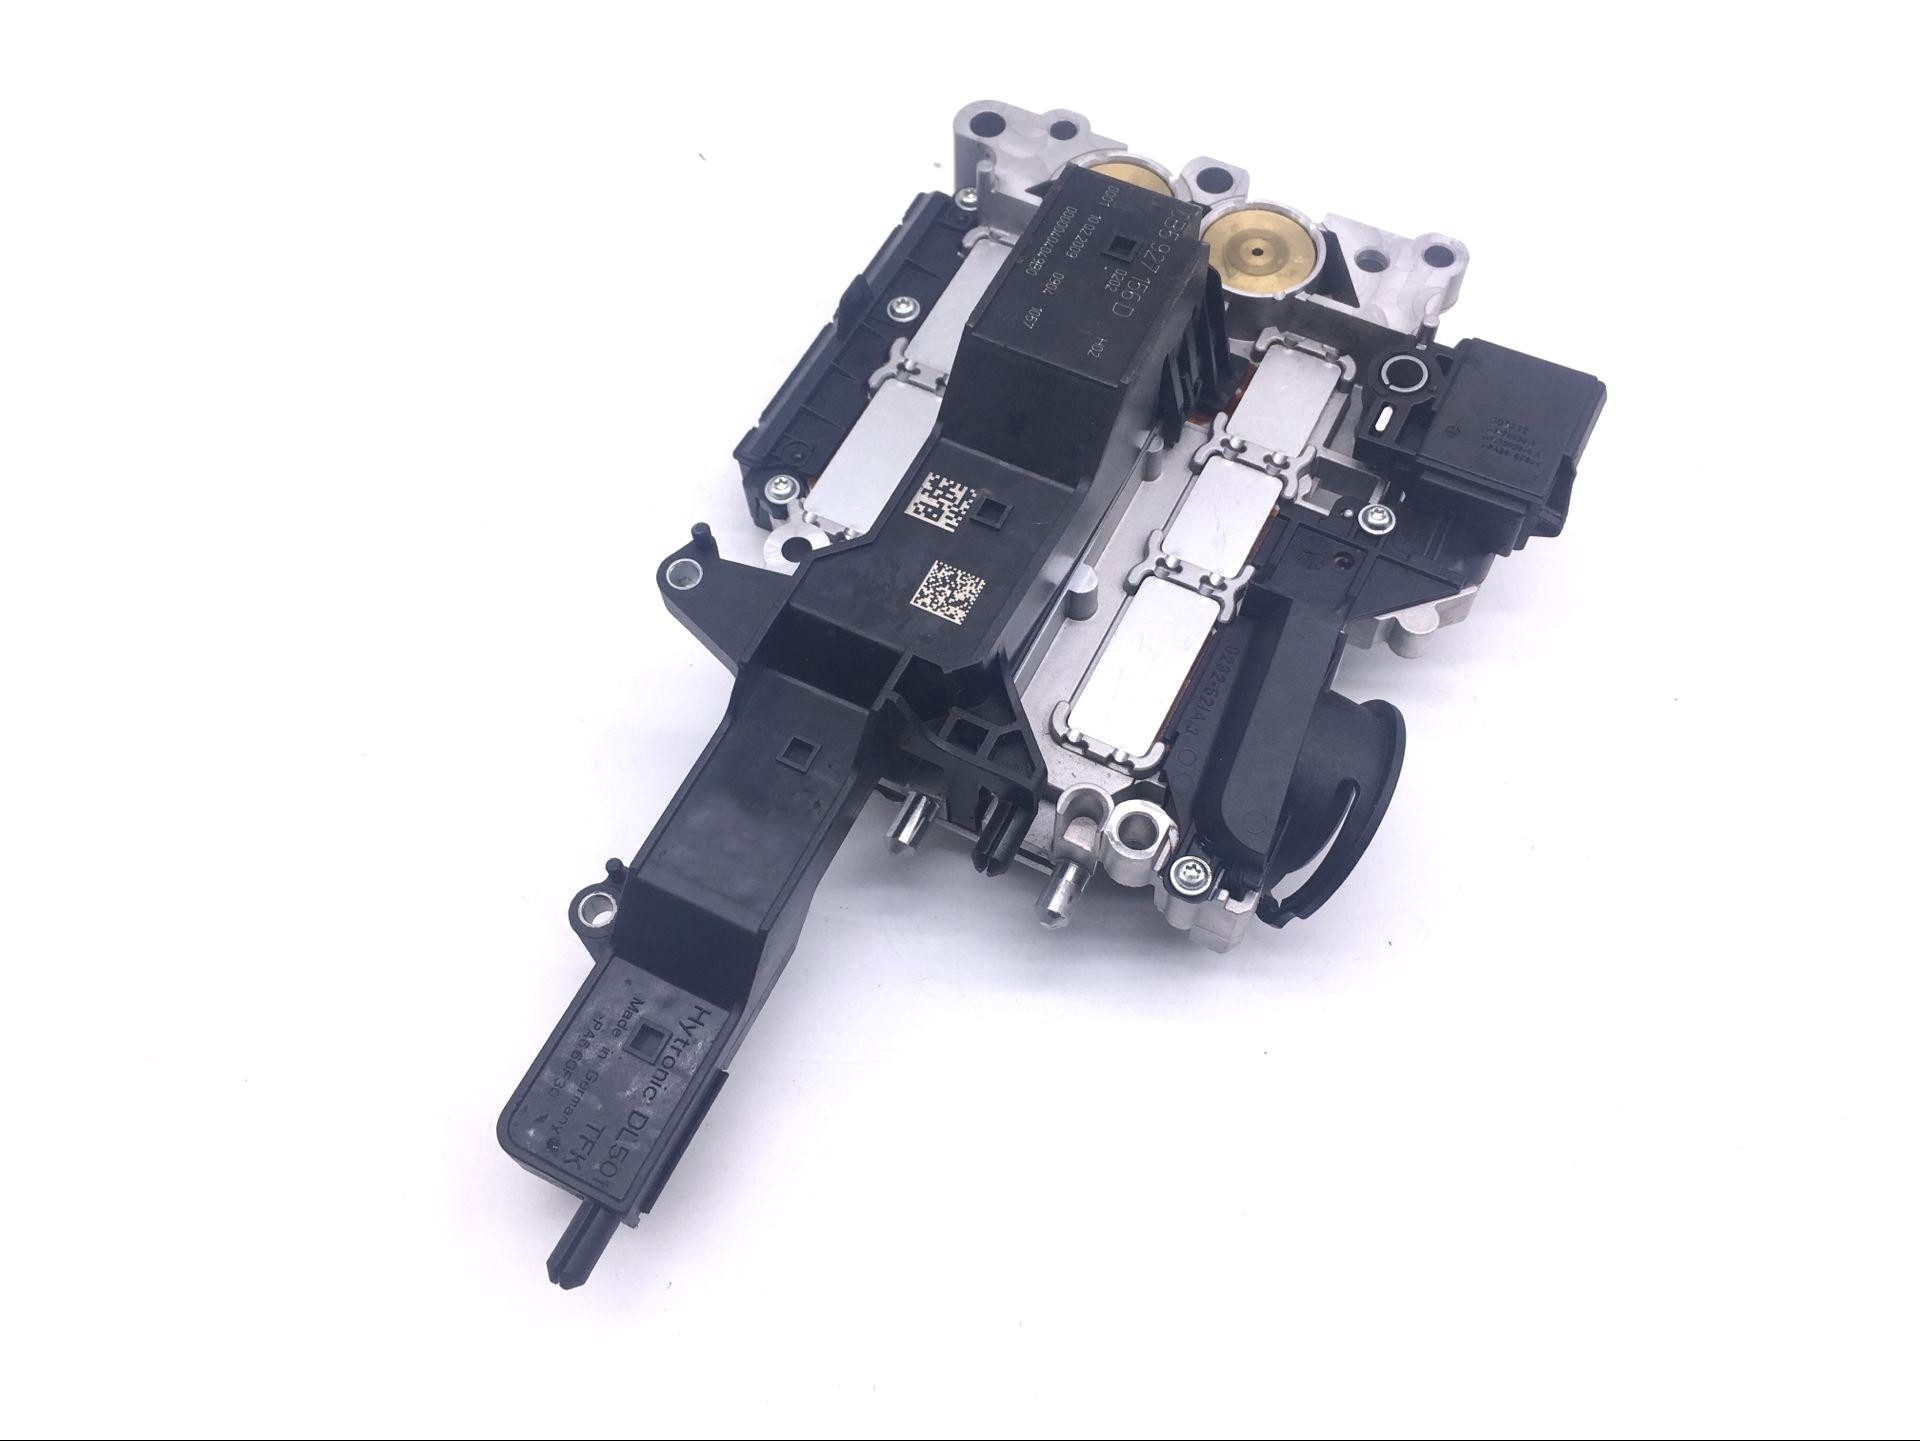 Remanufacturée 7 Vitesse DEO Embrayage Plaque DQ500 DL501 0B5 Pour Audi A4 A5 A6 A7 Q5 2008-2011